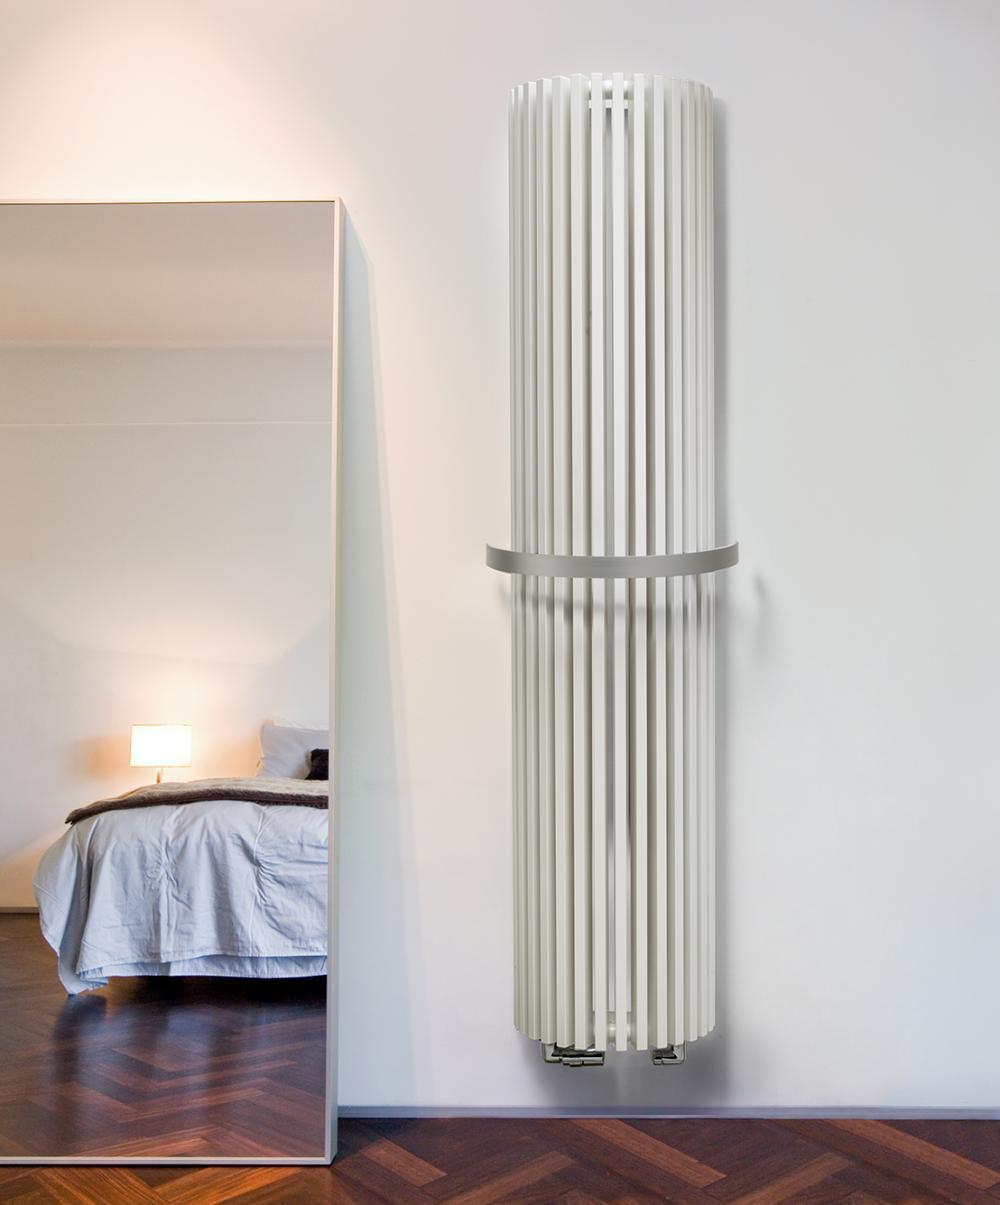 Calorifere decorative semirotunde Vasco Zana ZV-O 1400x393 mm, 1294 W